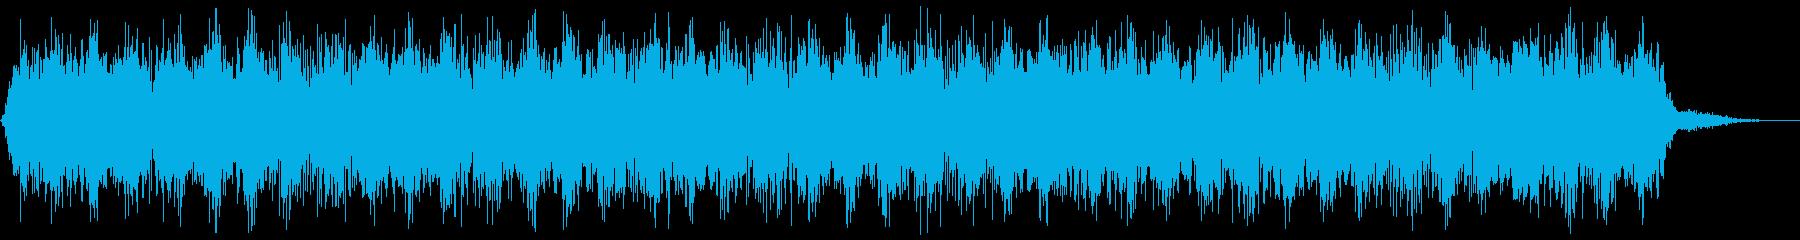 【アンビエント】ドローン_12 実験音の再生済みの波形